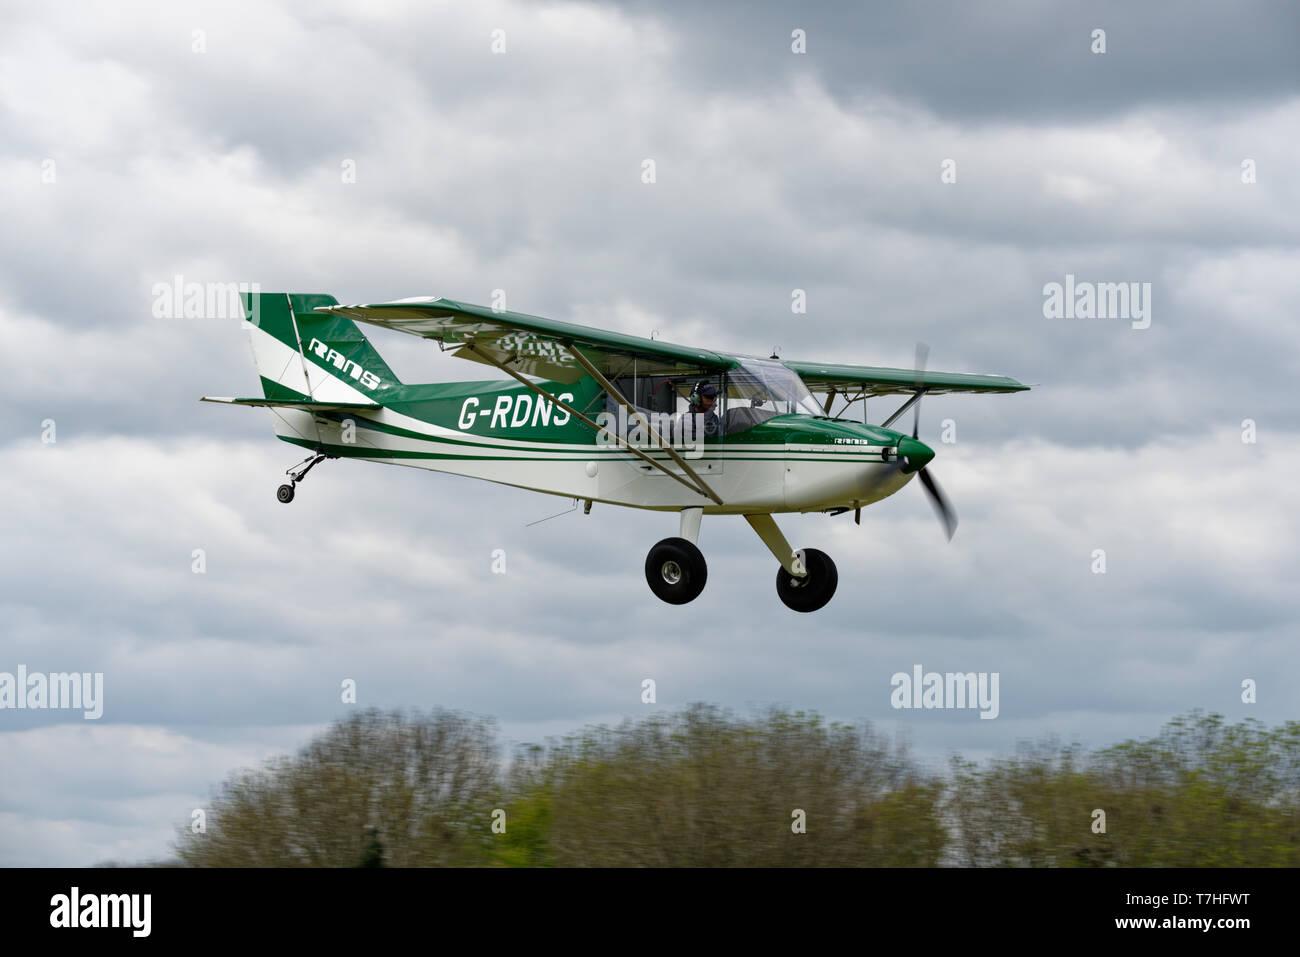 Rans Aircraft Stock Photos & Rans Aircraft Stock Images - Alamy